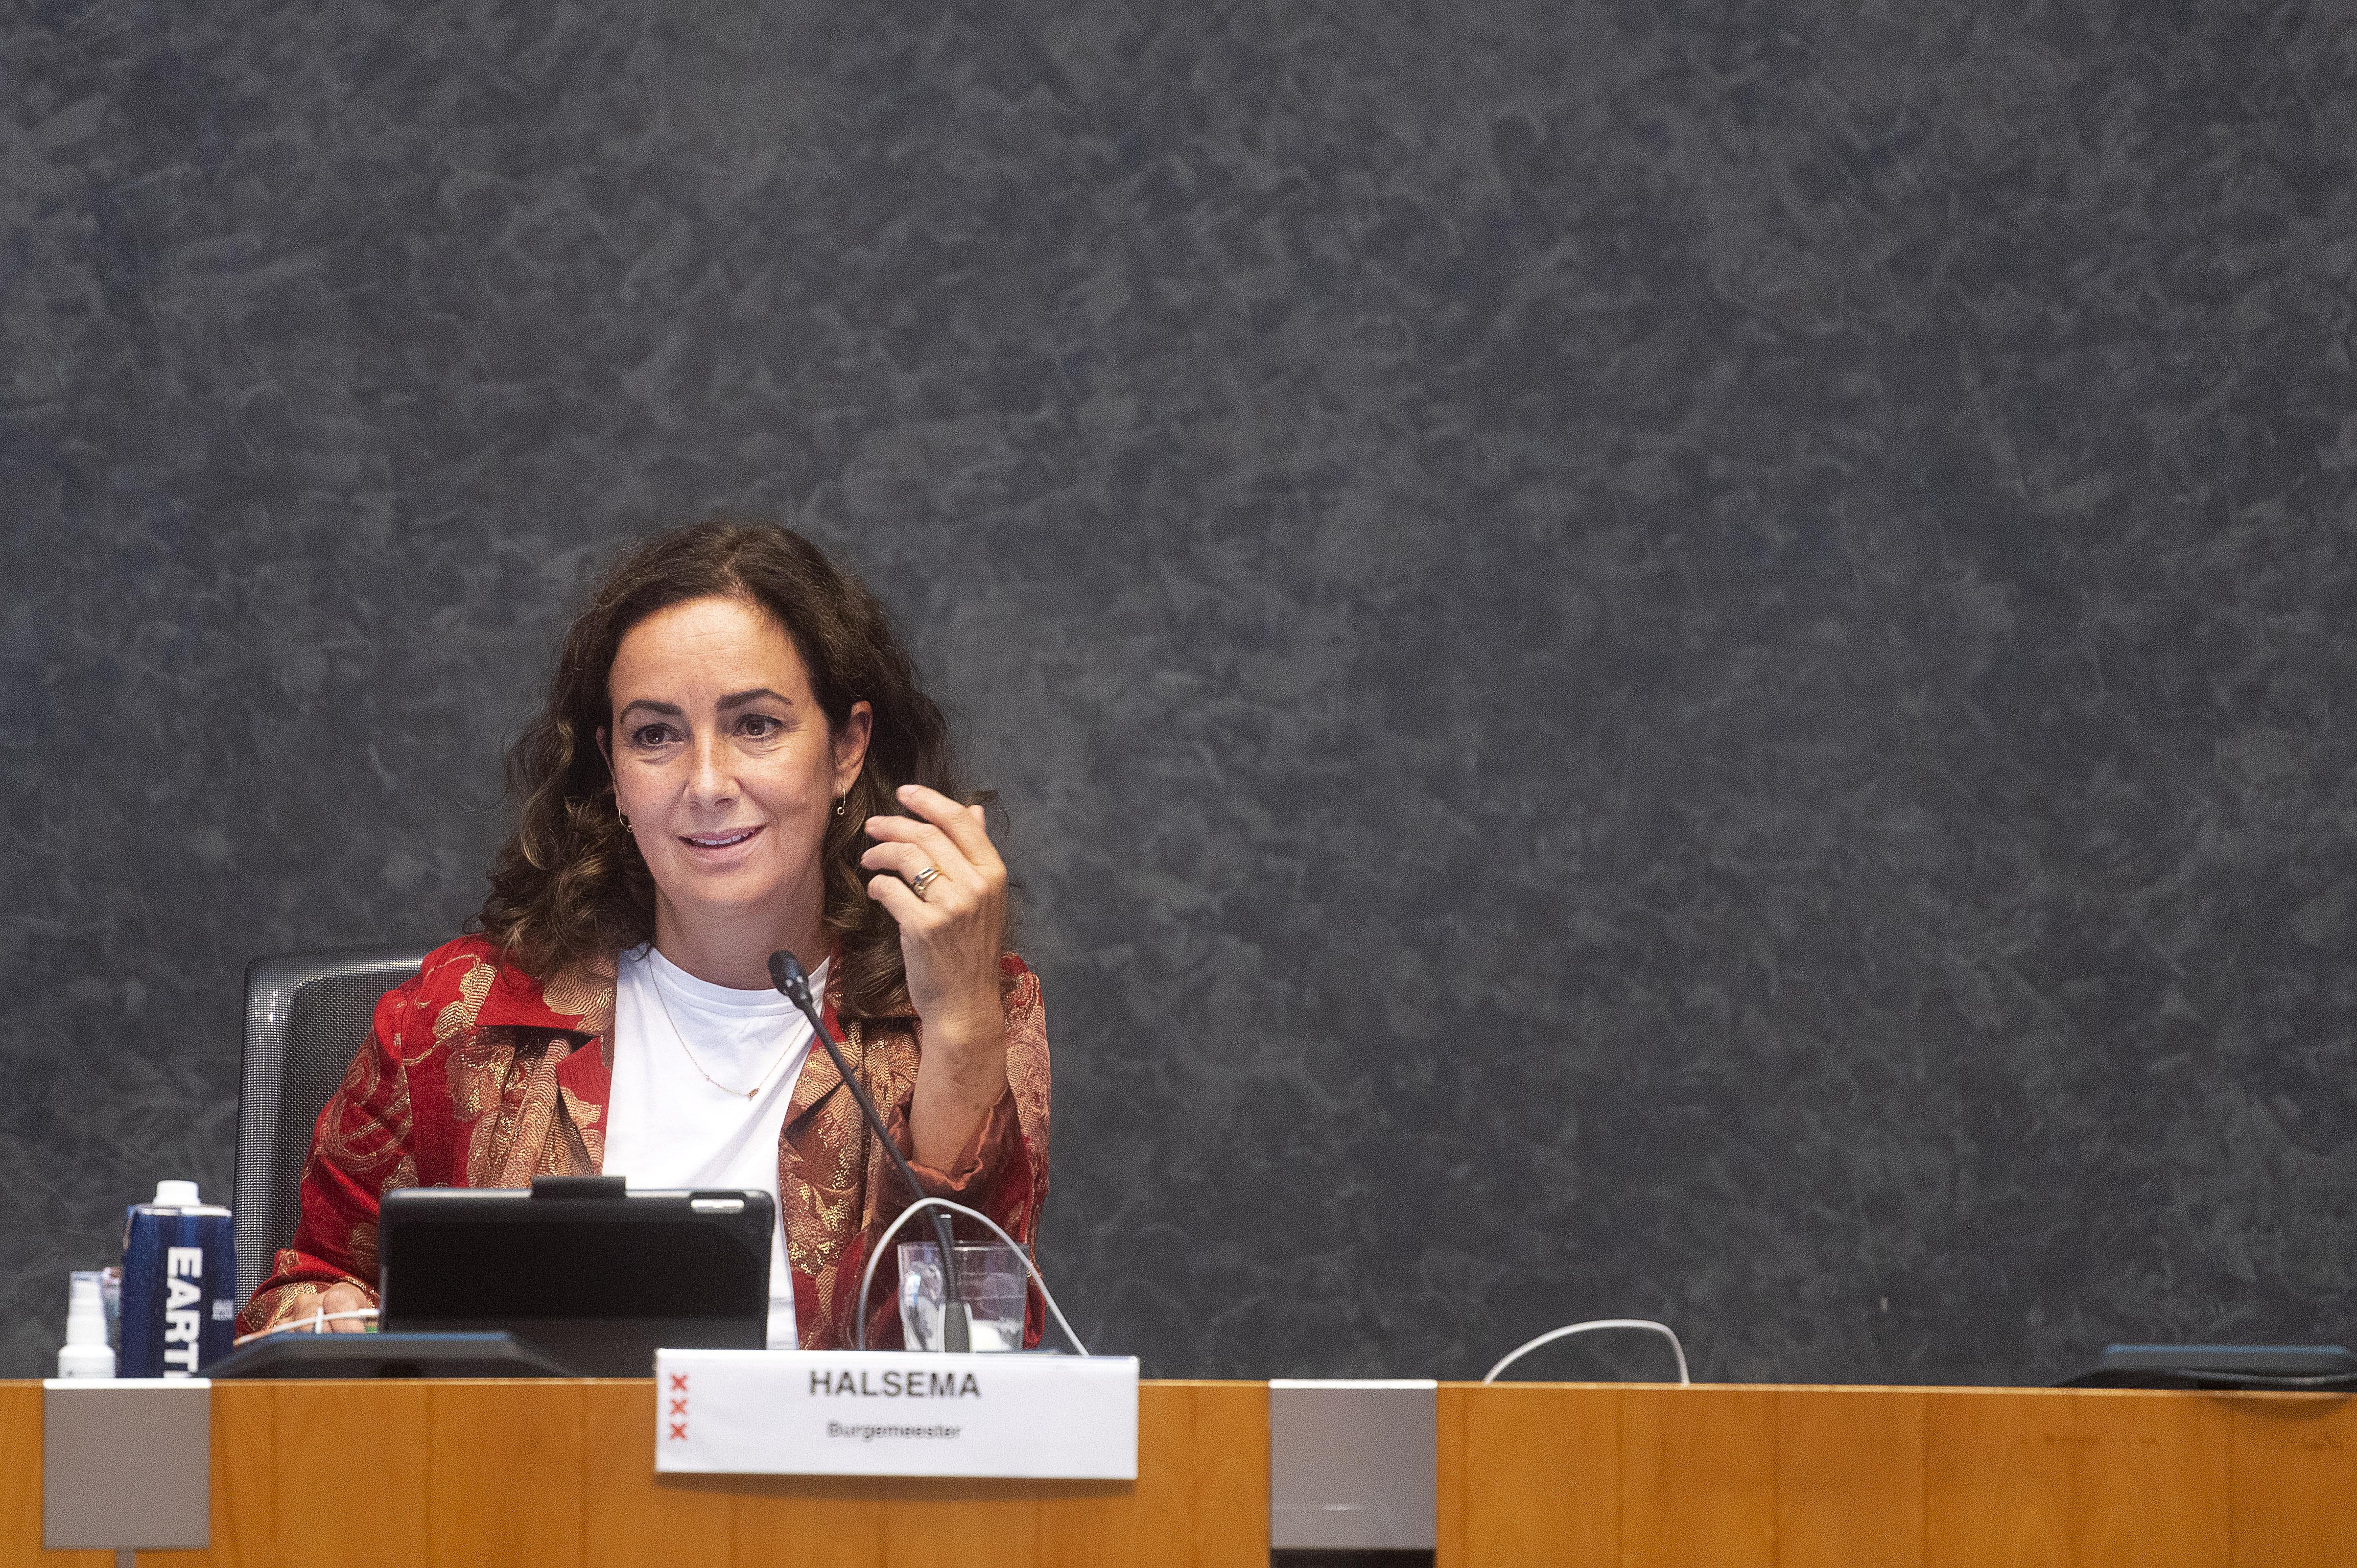 Een foto van burgemeester Femke Halsema die het verbod op vuurwerk een jaar opschuift